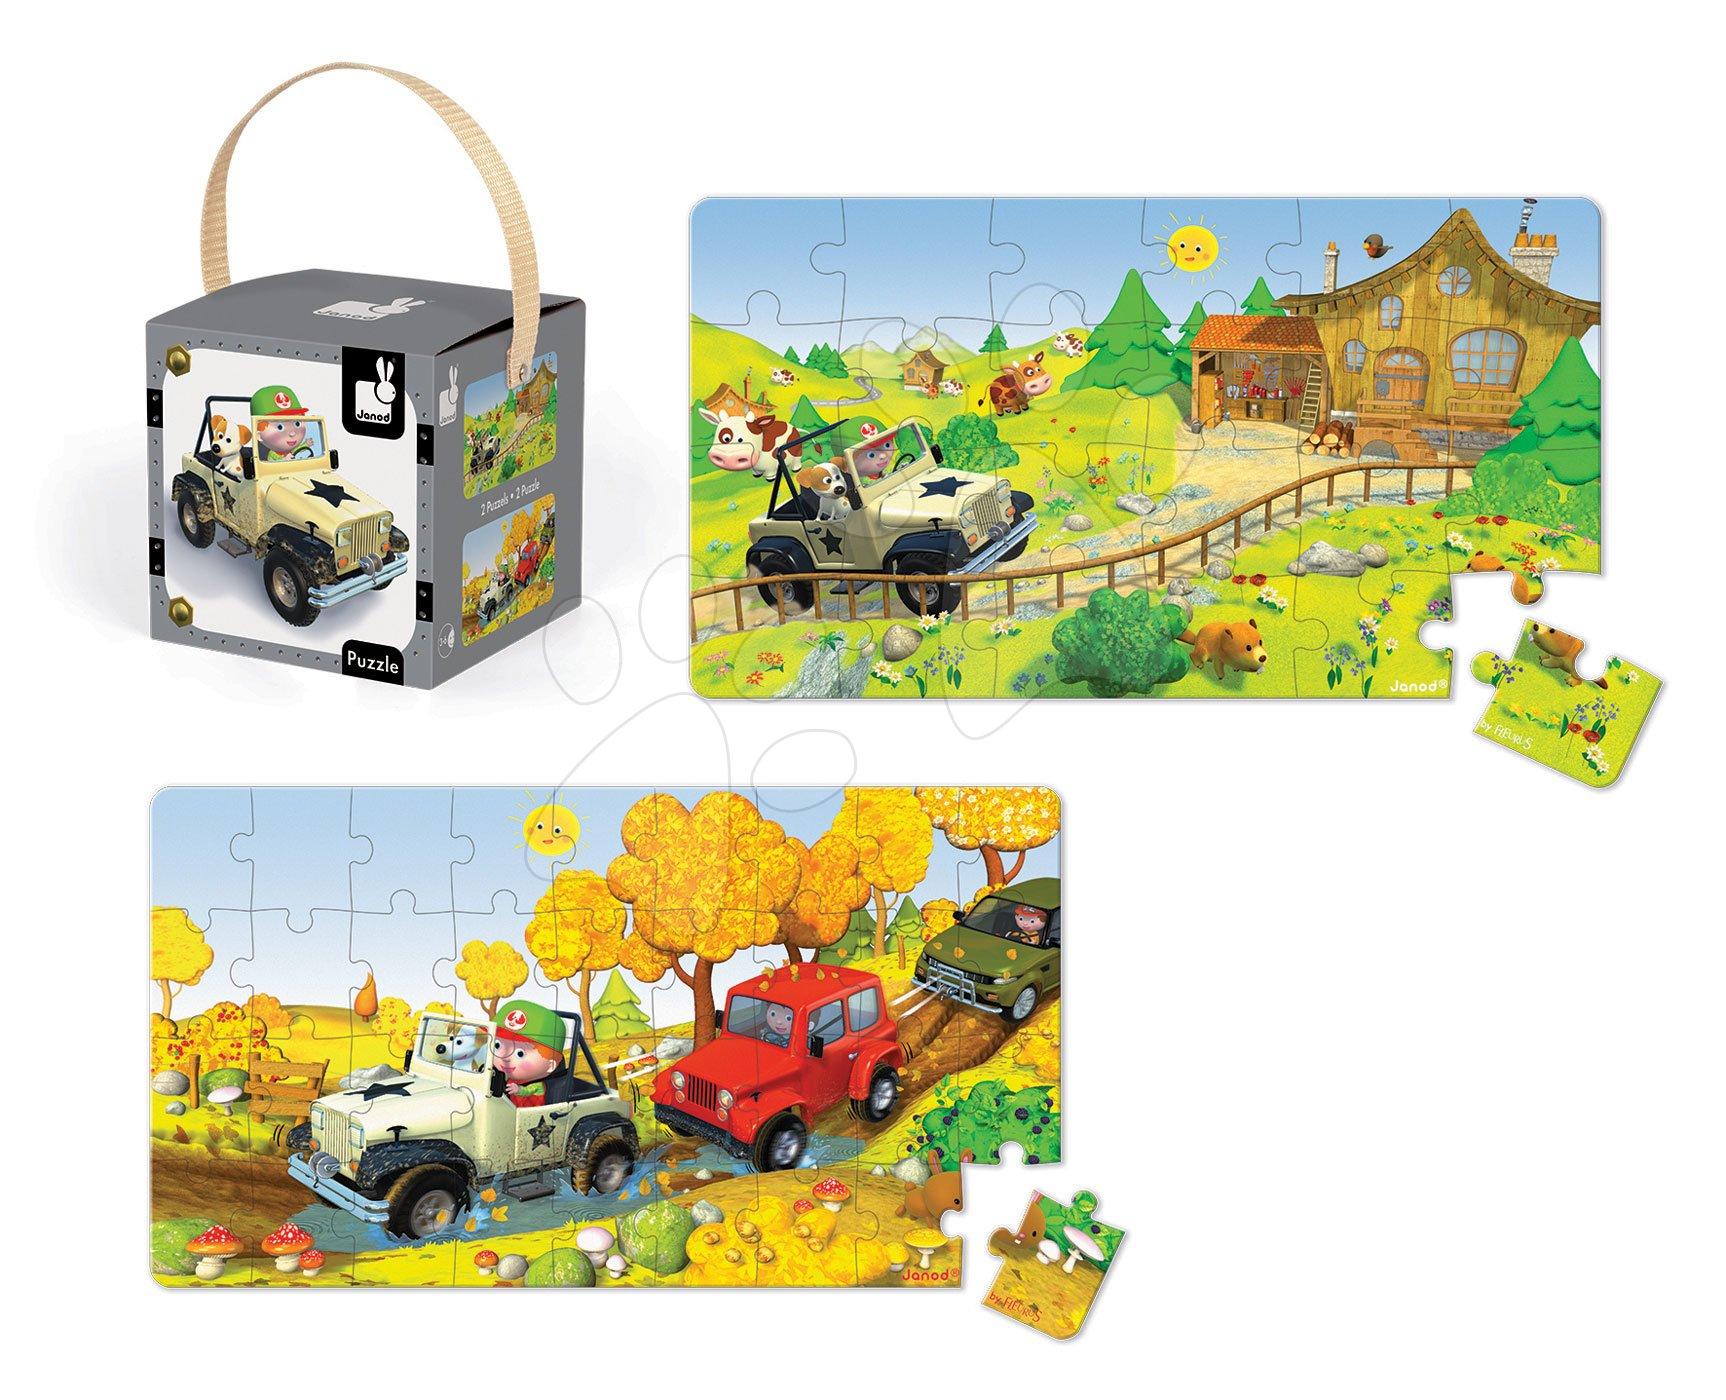 Detské puzzle do 100 dielov - Puzzle Jankove auto Janod v kufríku 24 - 36 dielov od 3 - 6 rokov